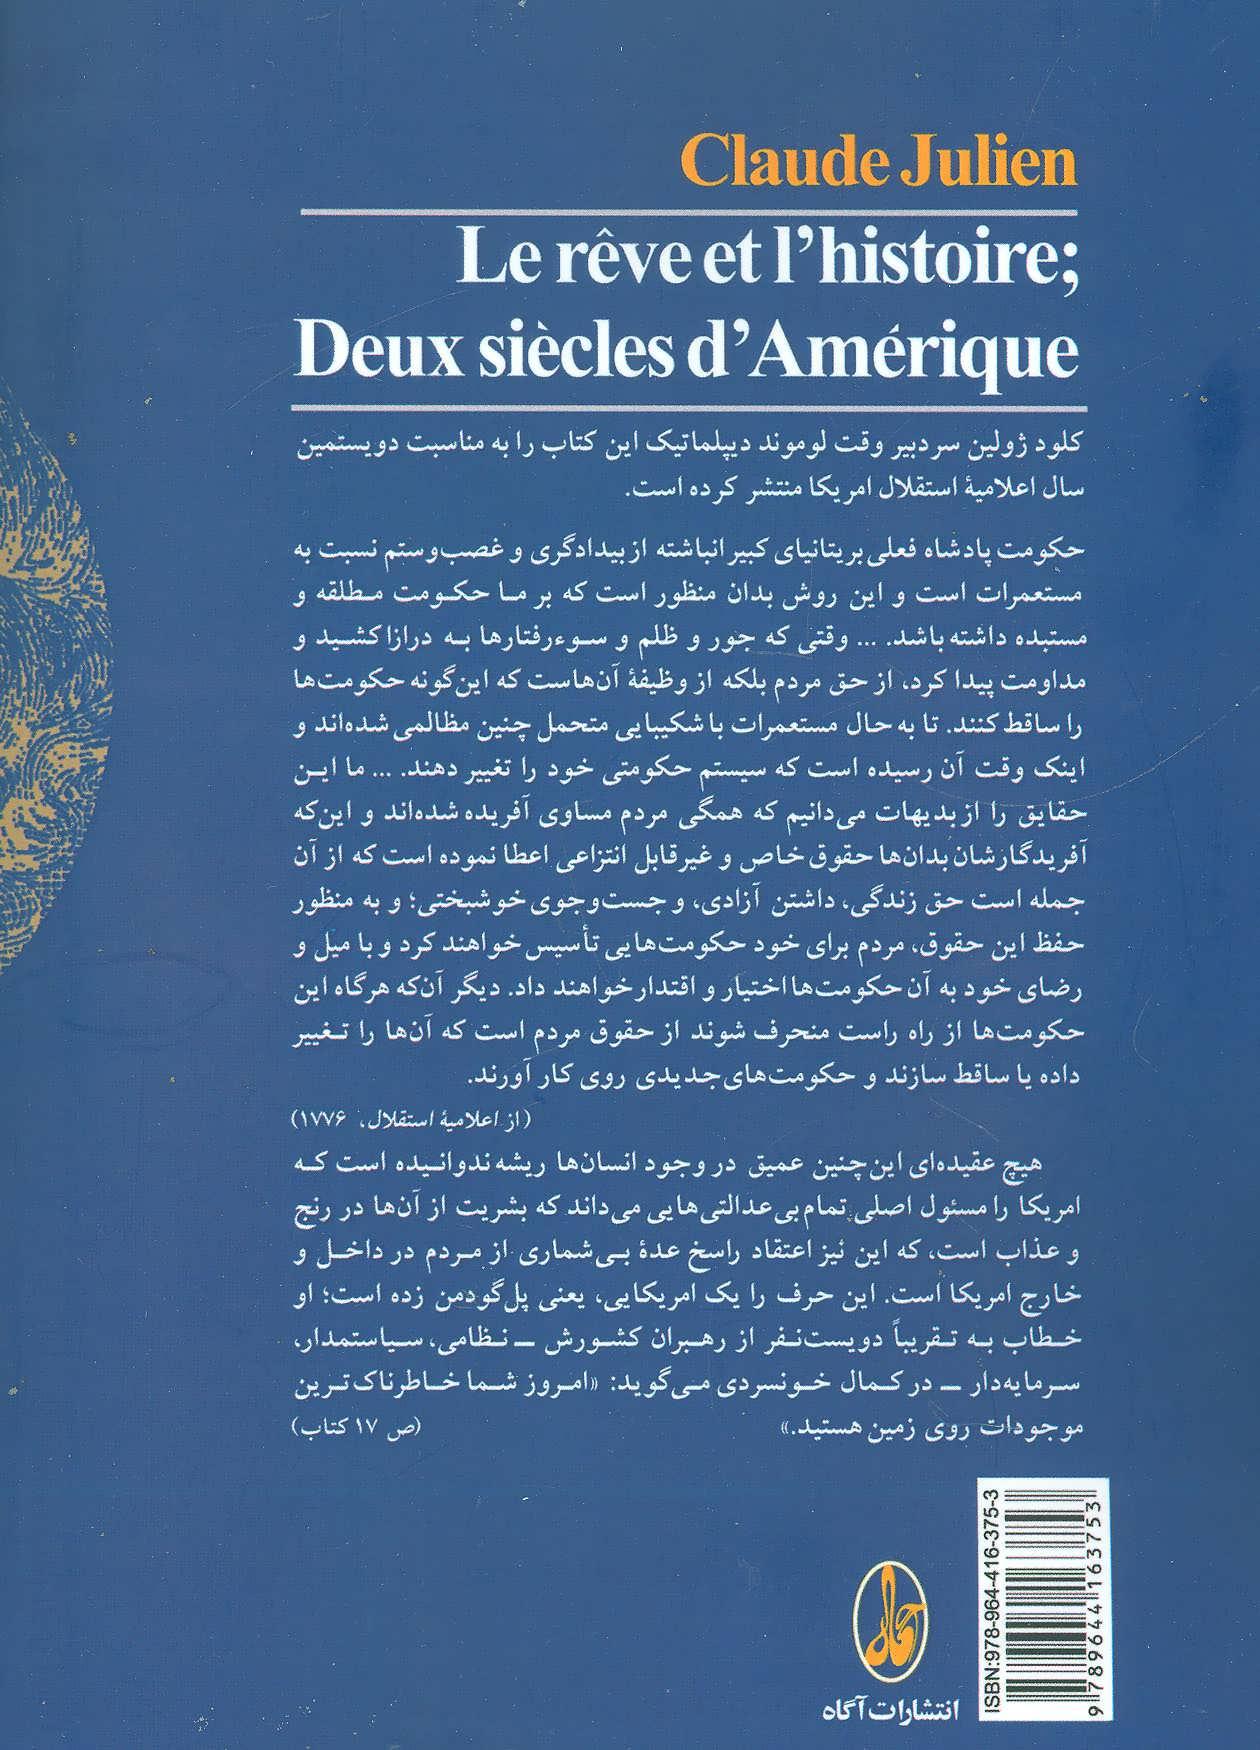 رویا و تاریخ؛امریکا در دو قرن